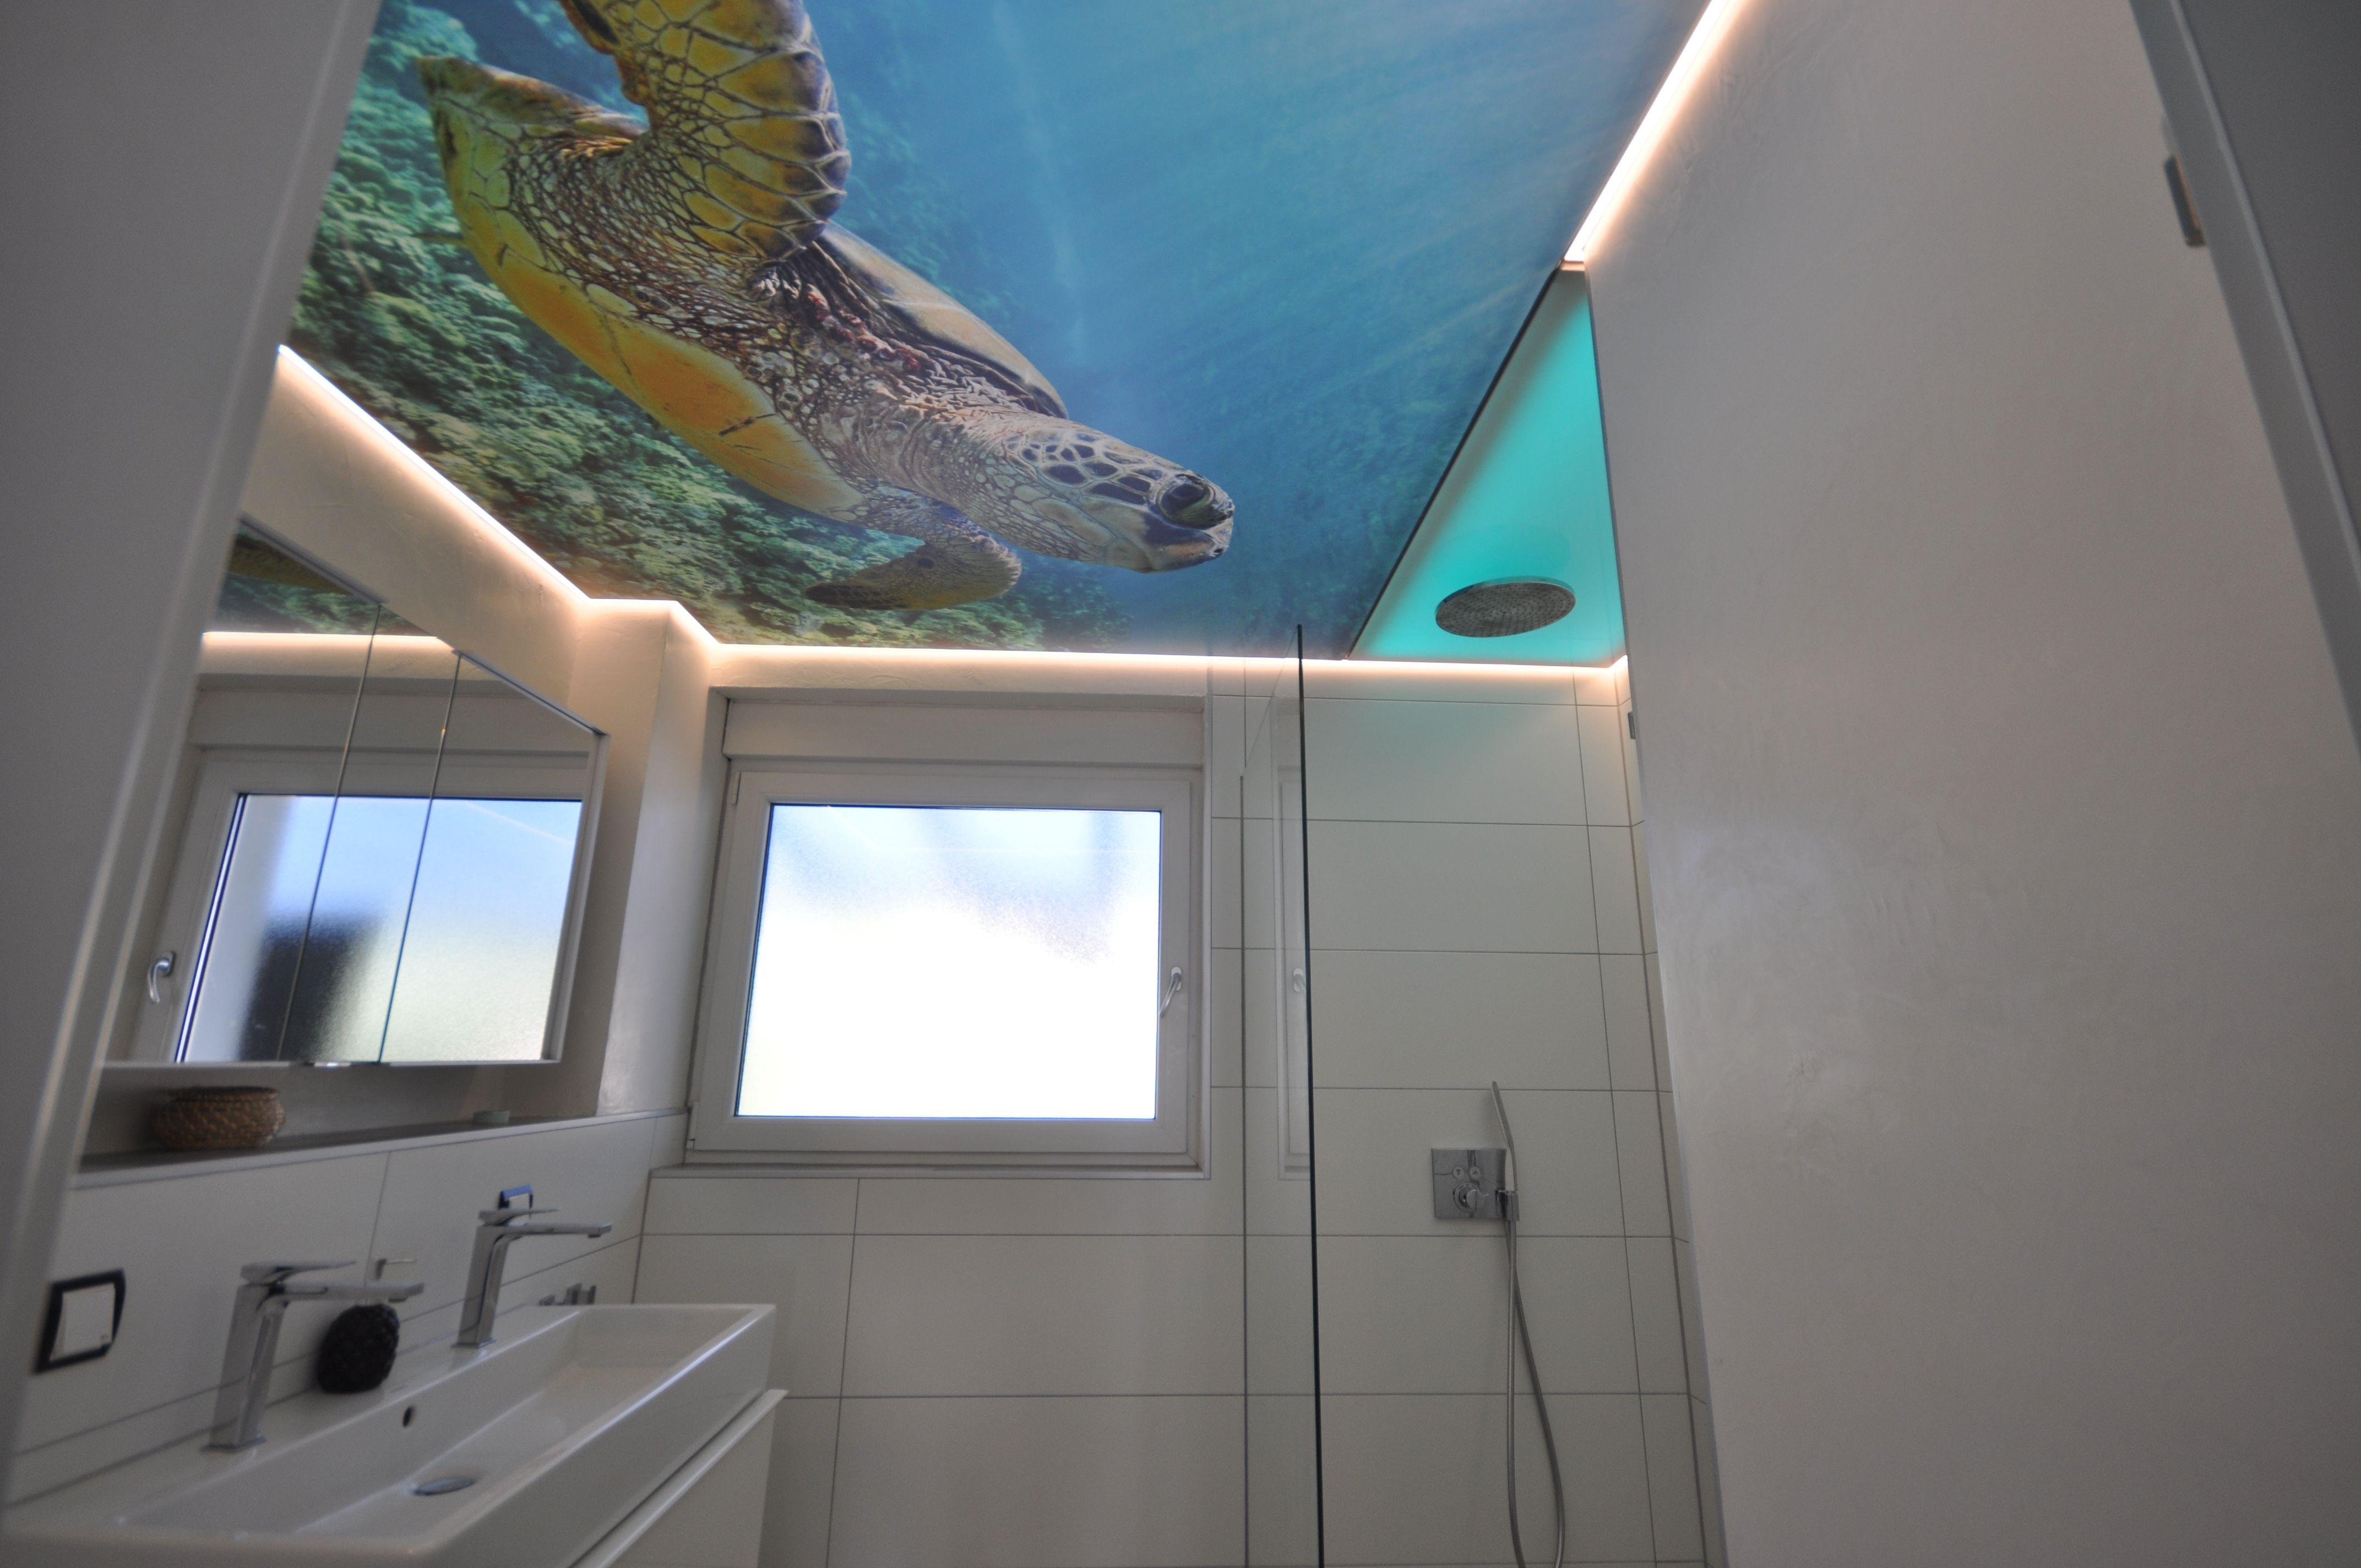 Bedruckte Badezimmer Spanndecke In 2020 Spanndecken Led Band Decke